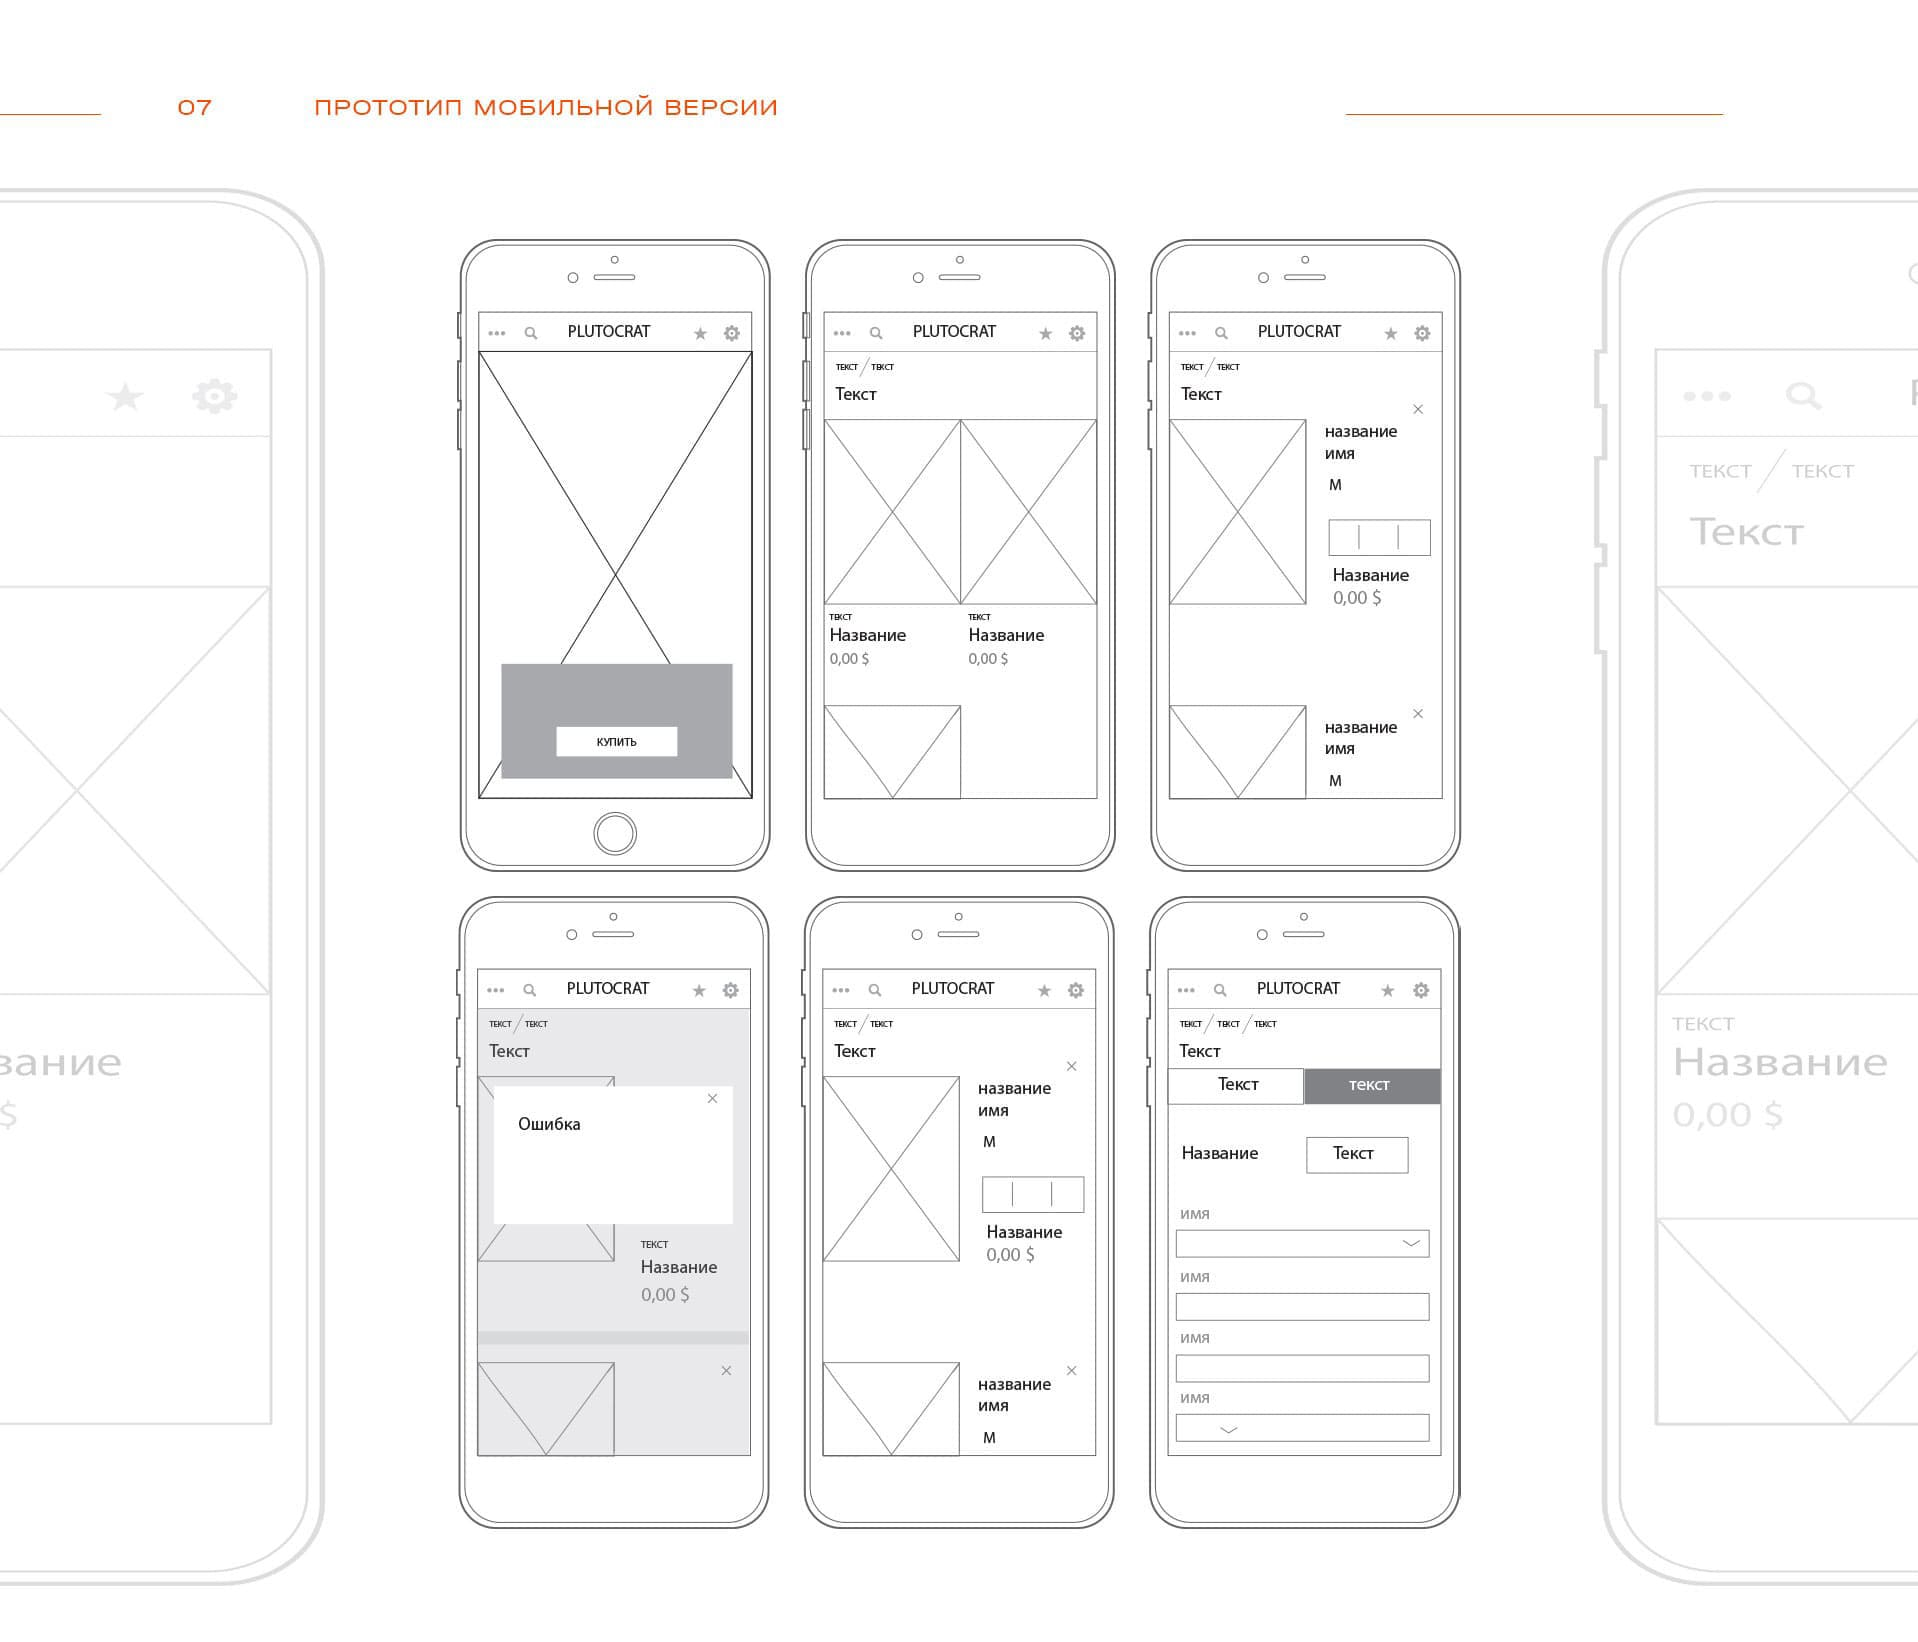 прототип дизайна сайта интернет магазина фешн одежды